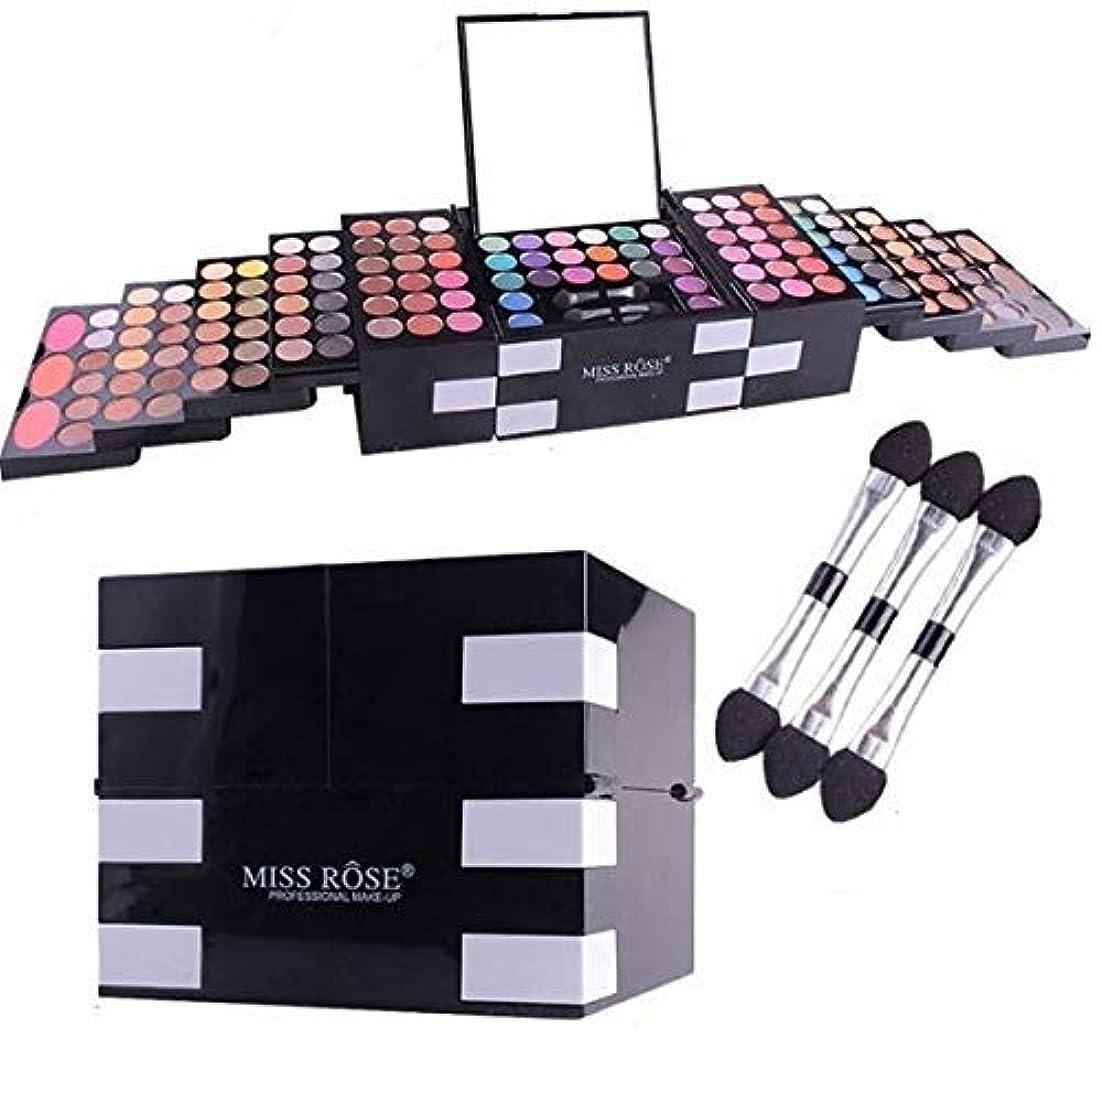 リベラルスクリーチ出演者MISS ROSE 初心者の女の子 美容マットグリッター144色キラキラアイシャドウパレット化粧品アイシャドウ赤面眉パウダー化粧箱付きミラーブラシセット